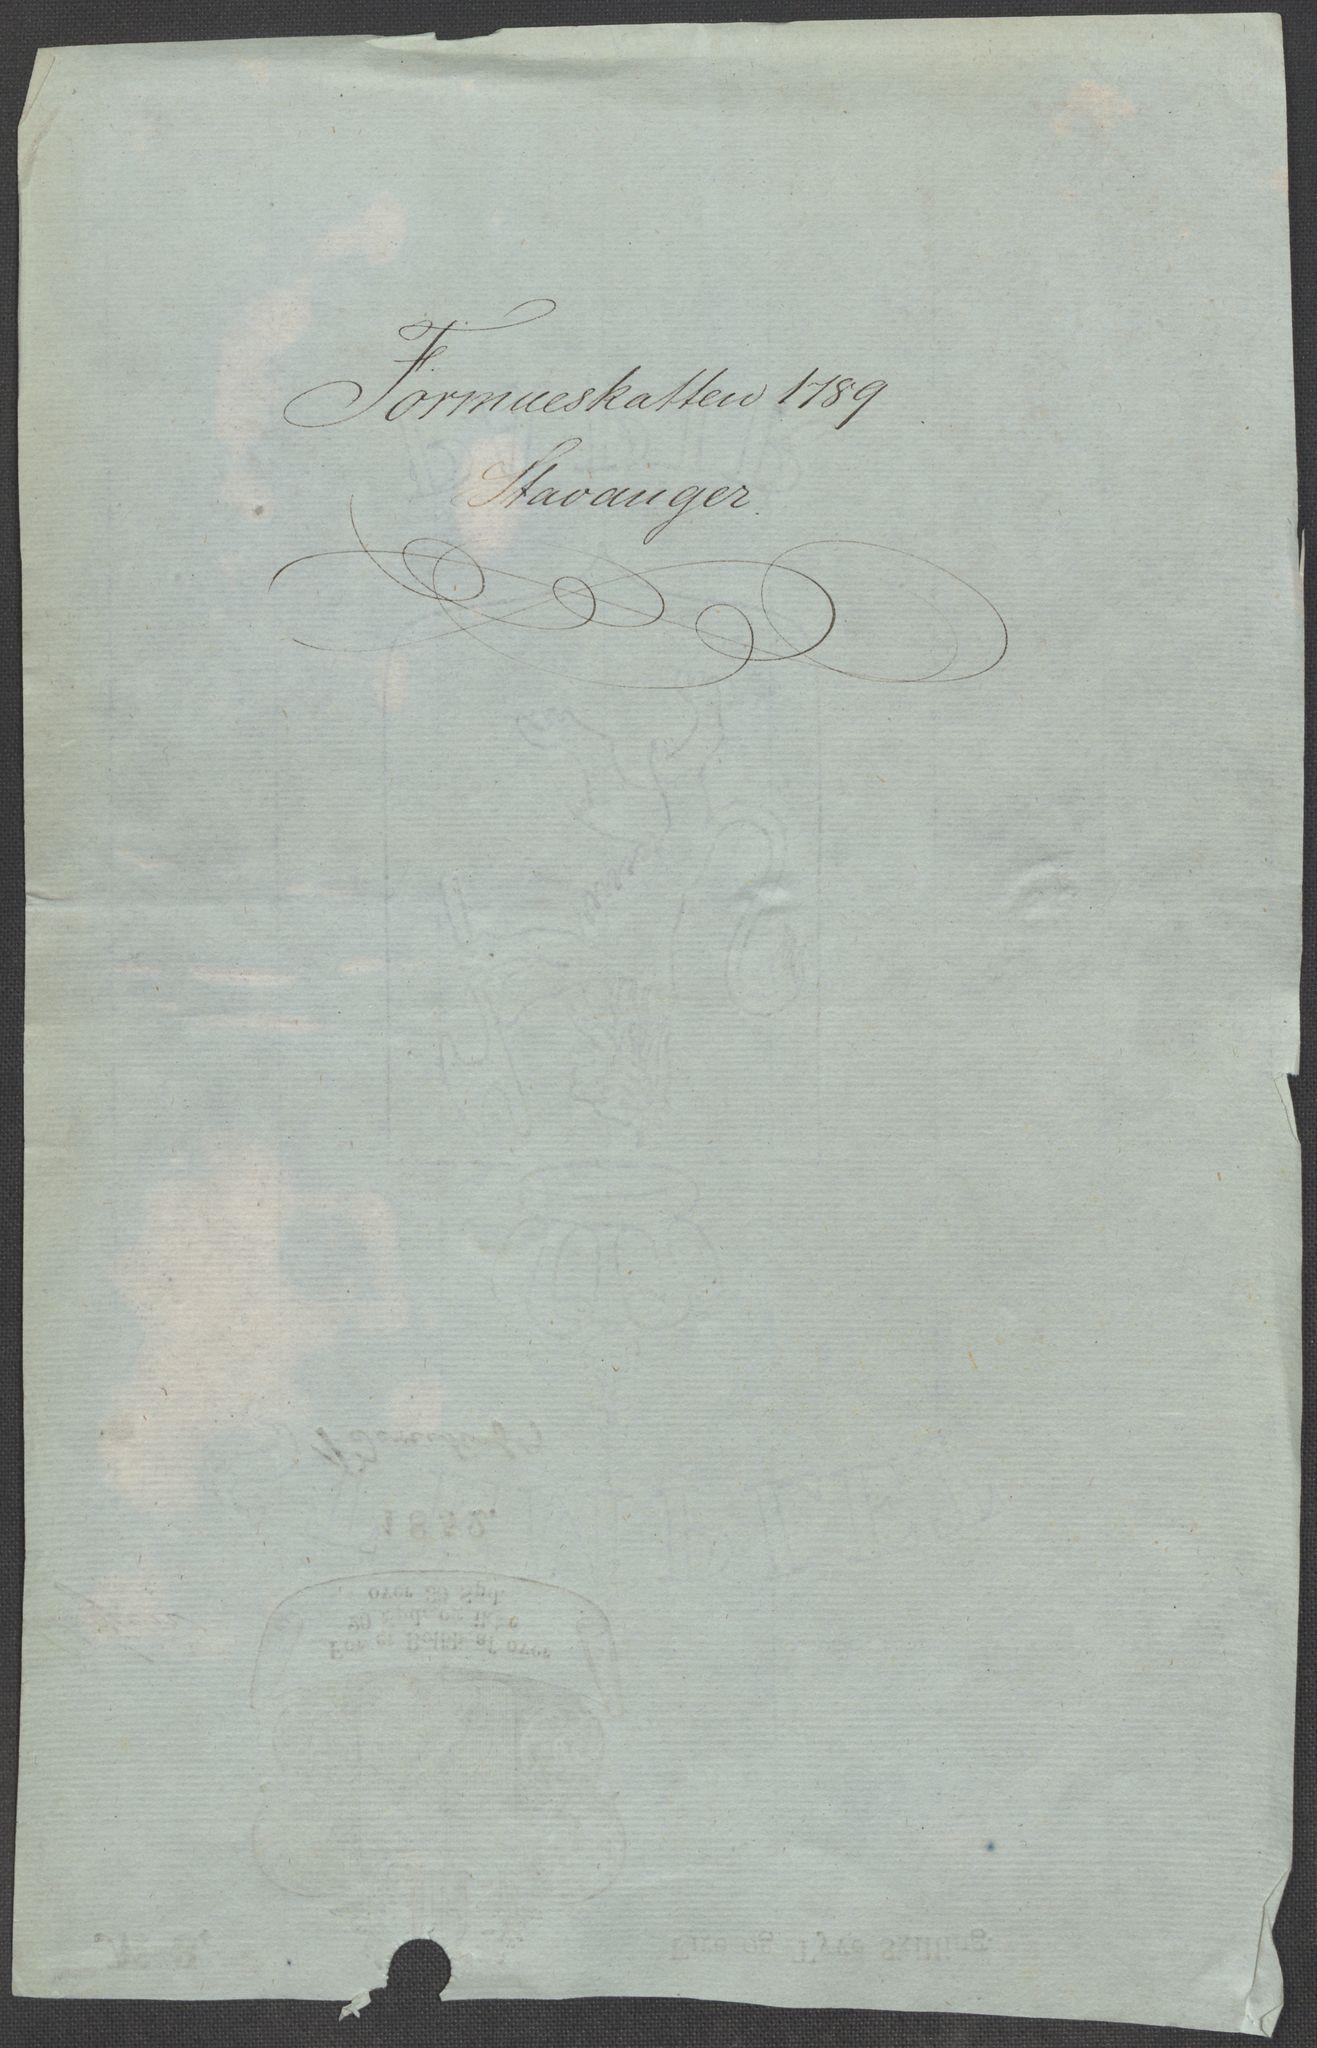 RA, Rentekammeret inntil 1814, Reviderte regnskaper, Mindre regnskaper, Rf/Rfe/L0045: Stavanger, Stjørdal og Verdal fogderi, 1789, s. 3